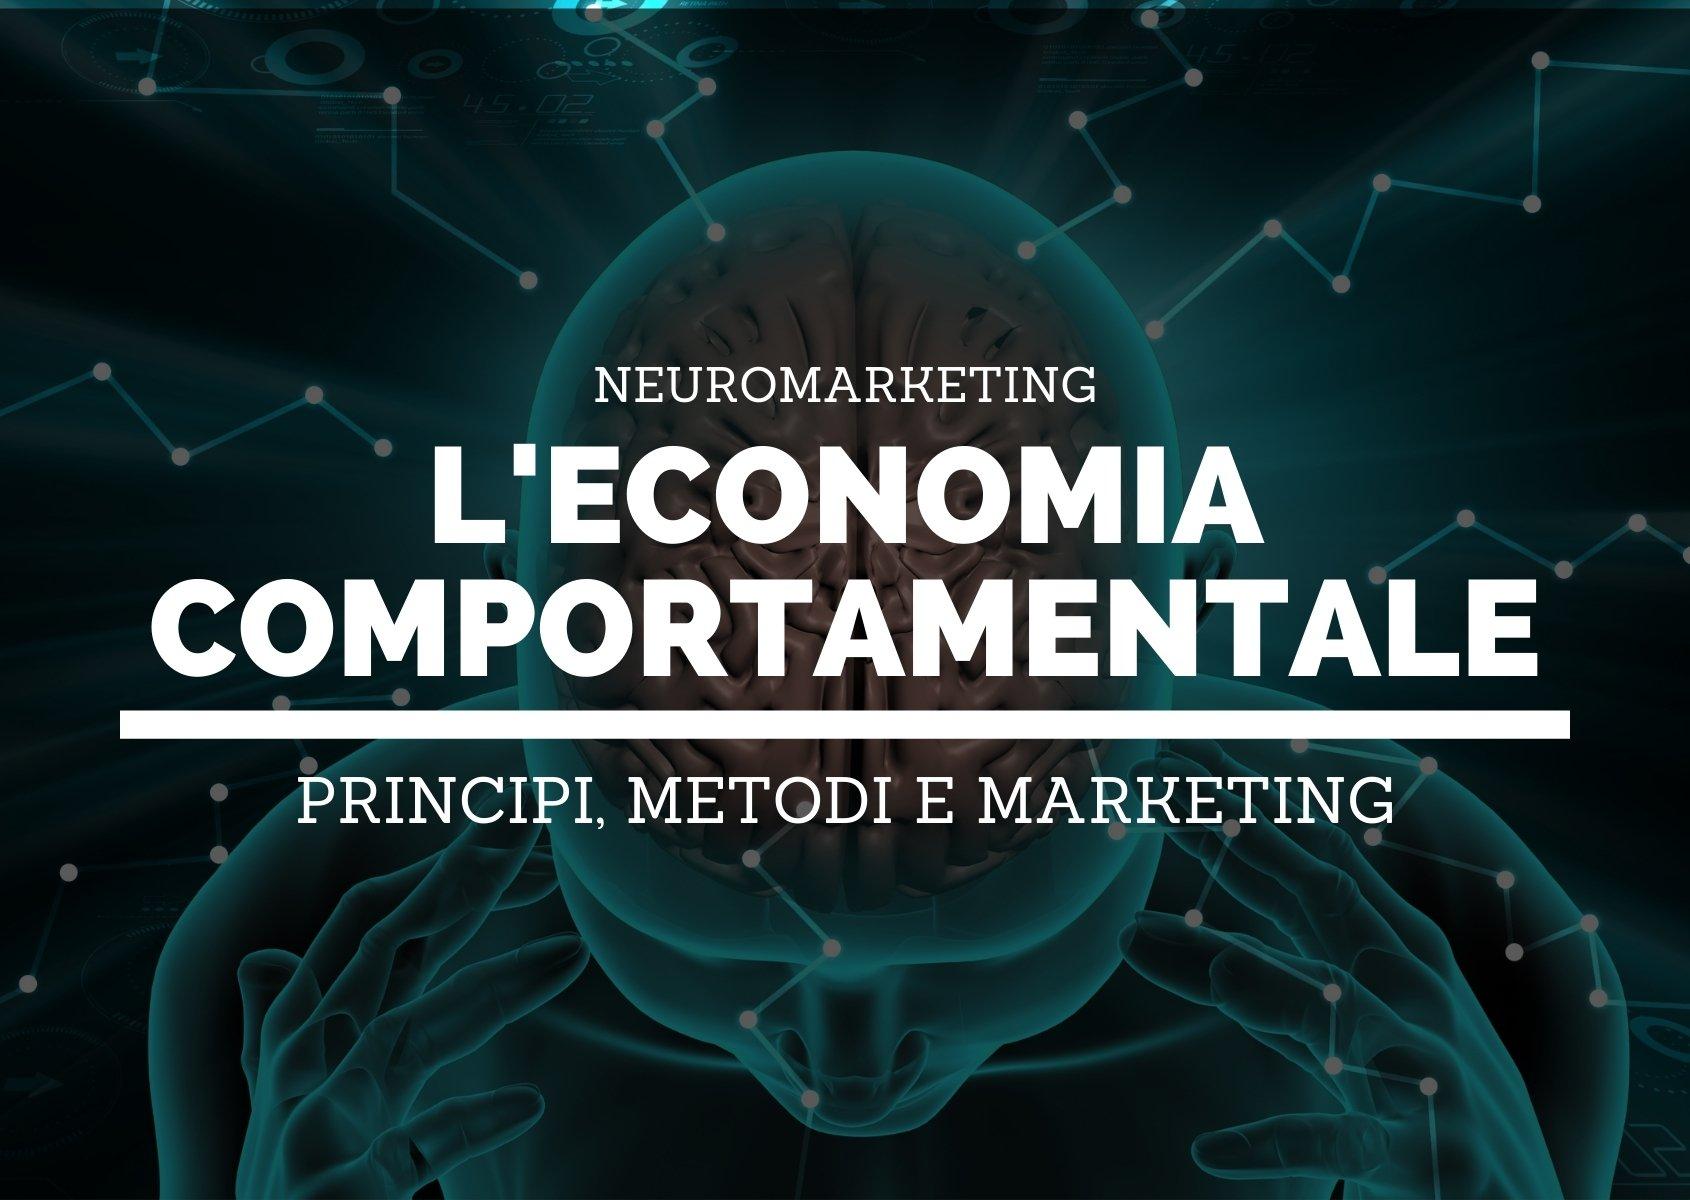 Economia-comportamentale-header